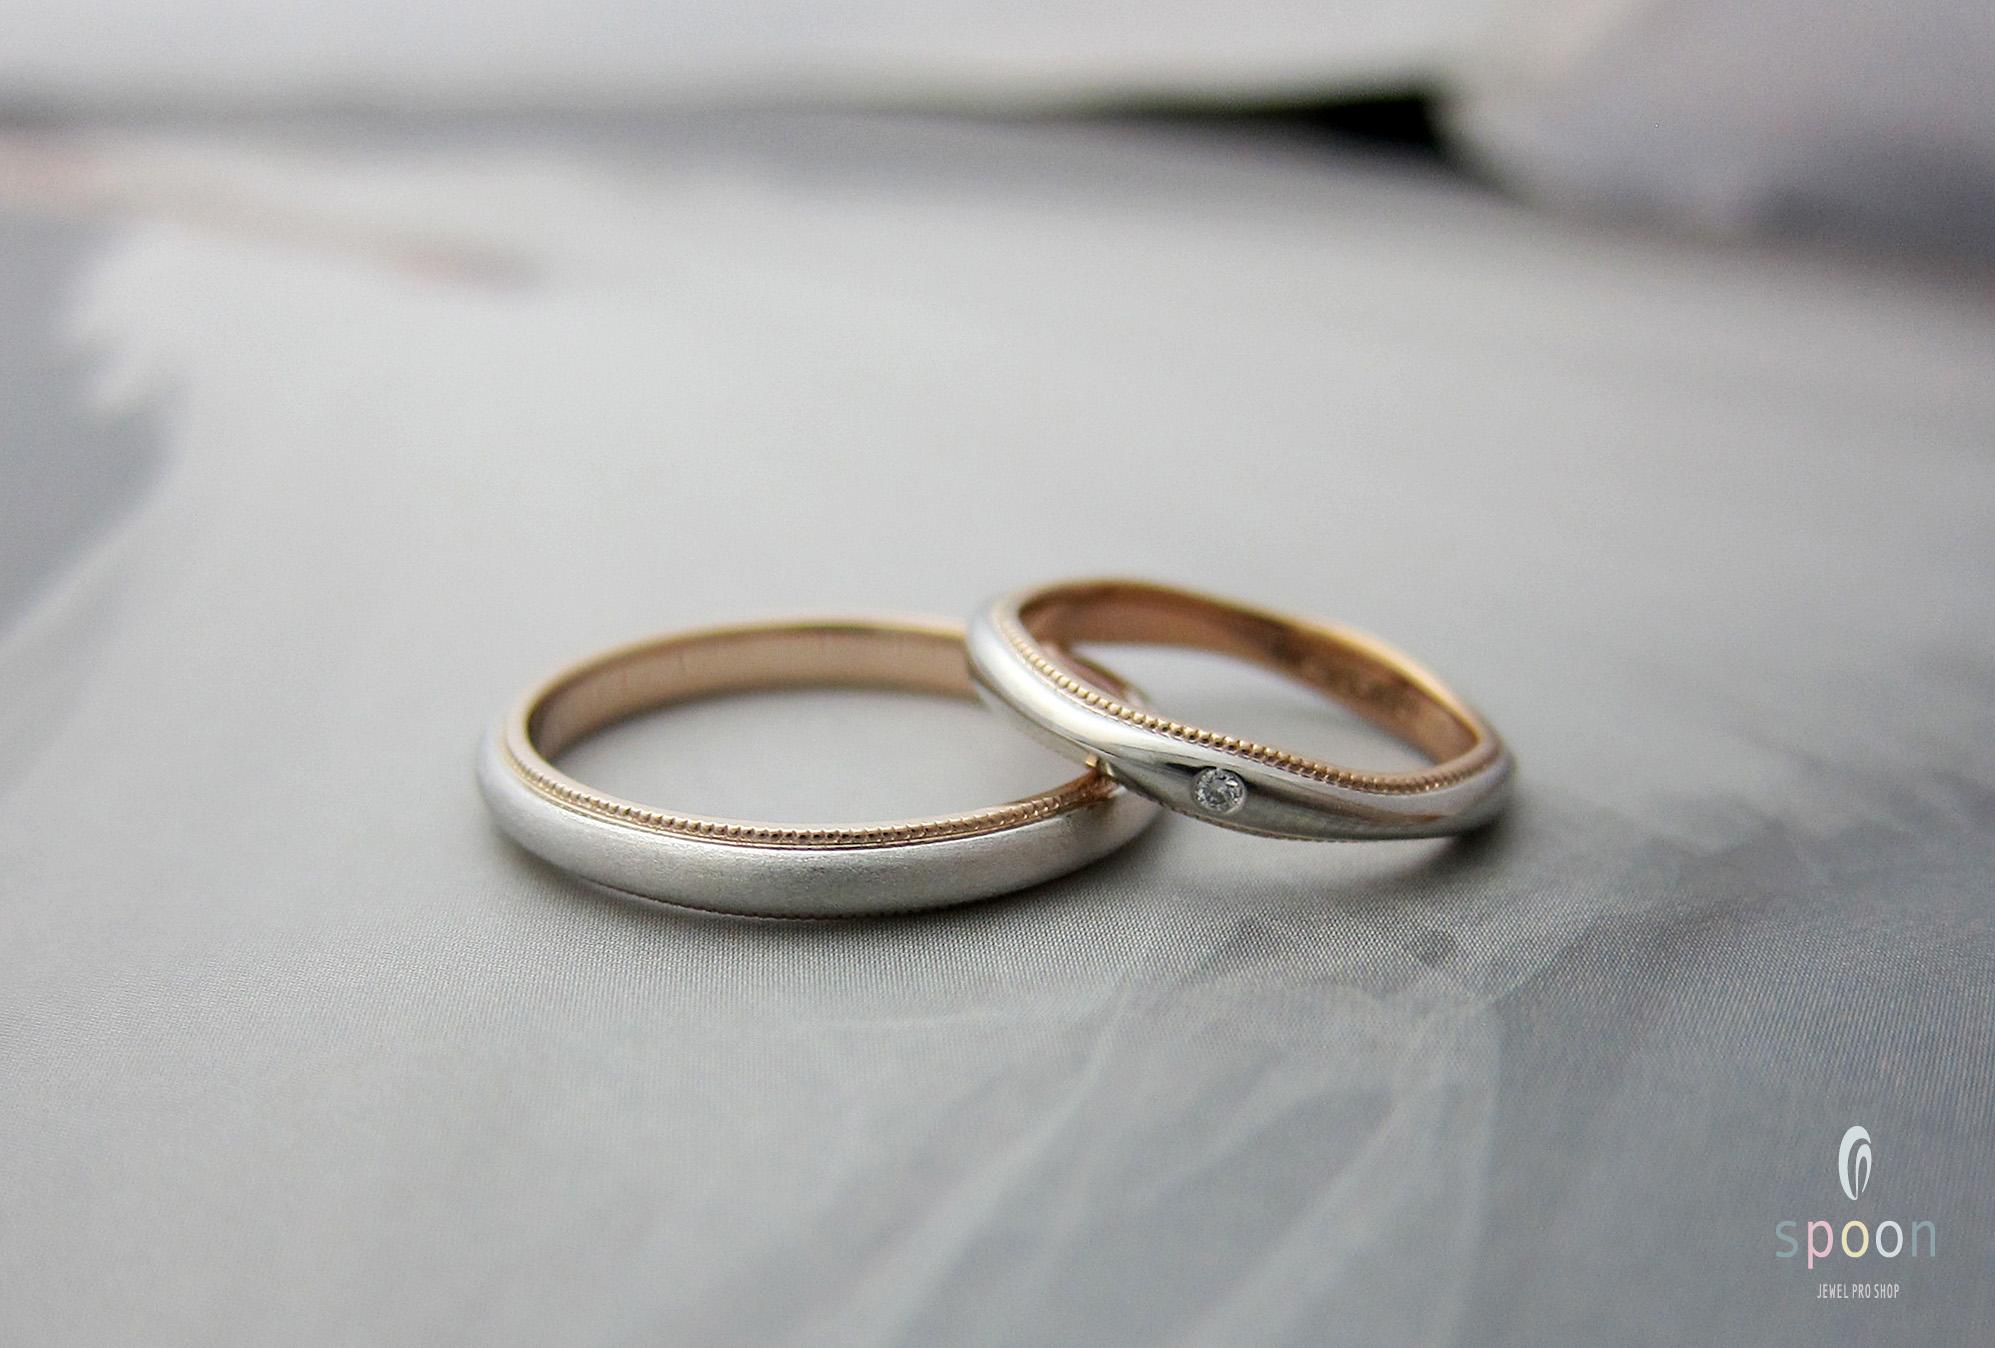 マリッジング,結婚指輪,ピンクミル,サンク,